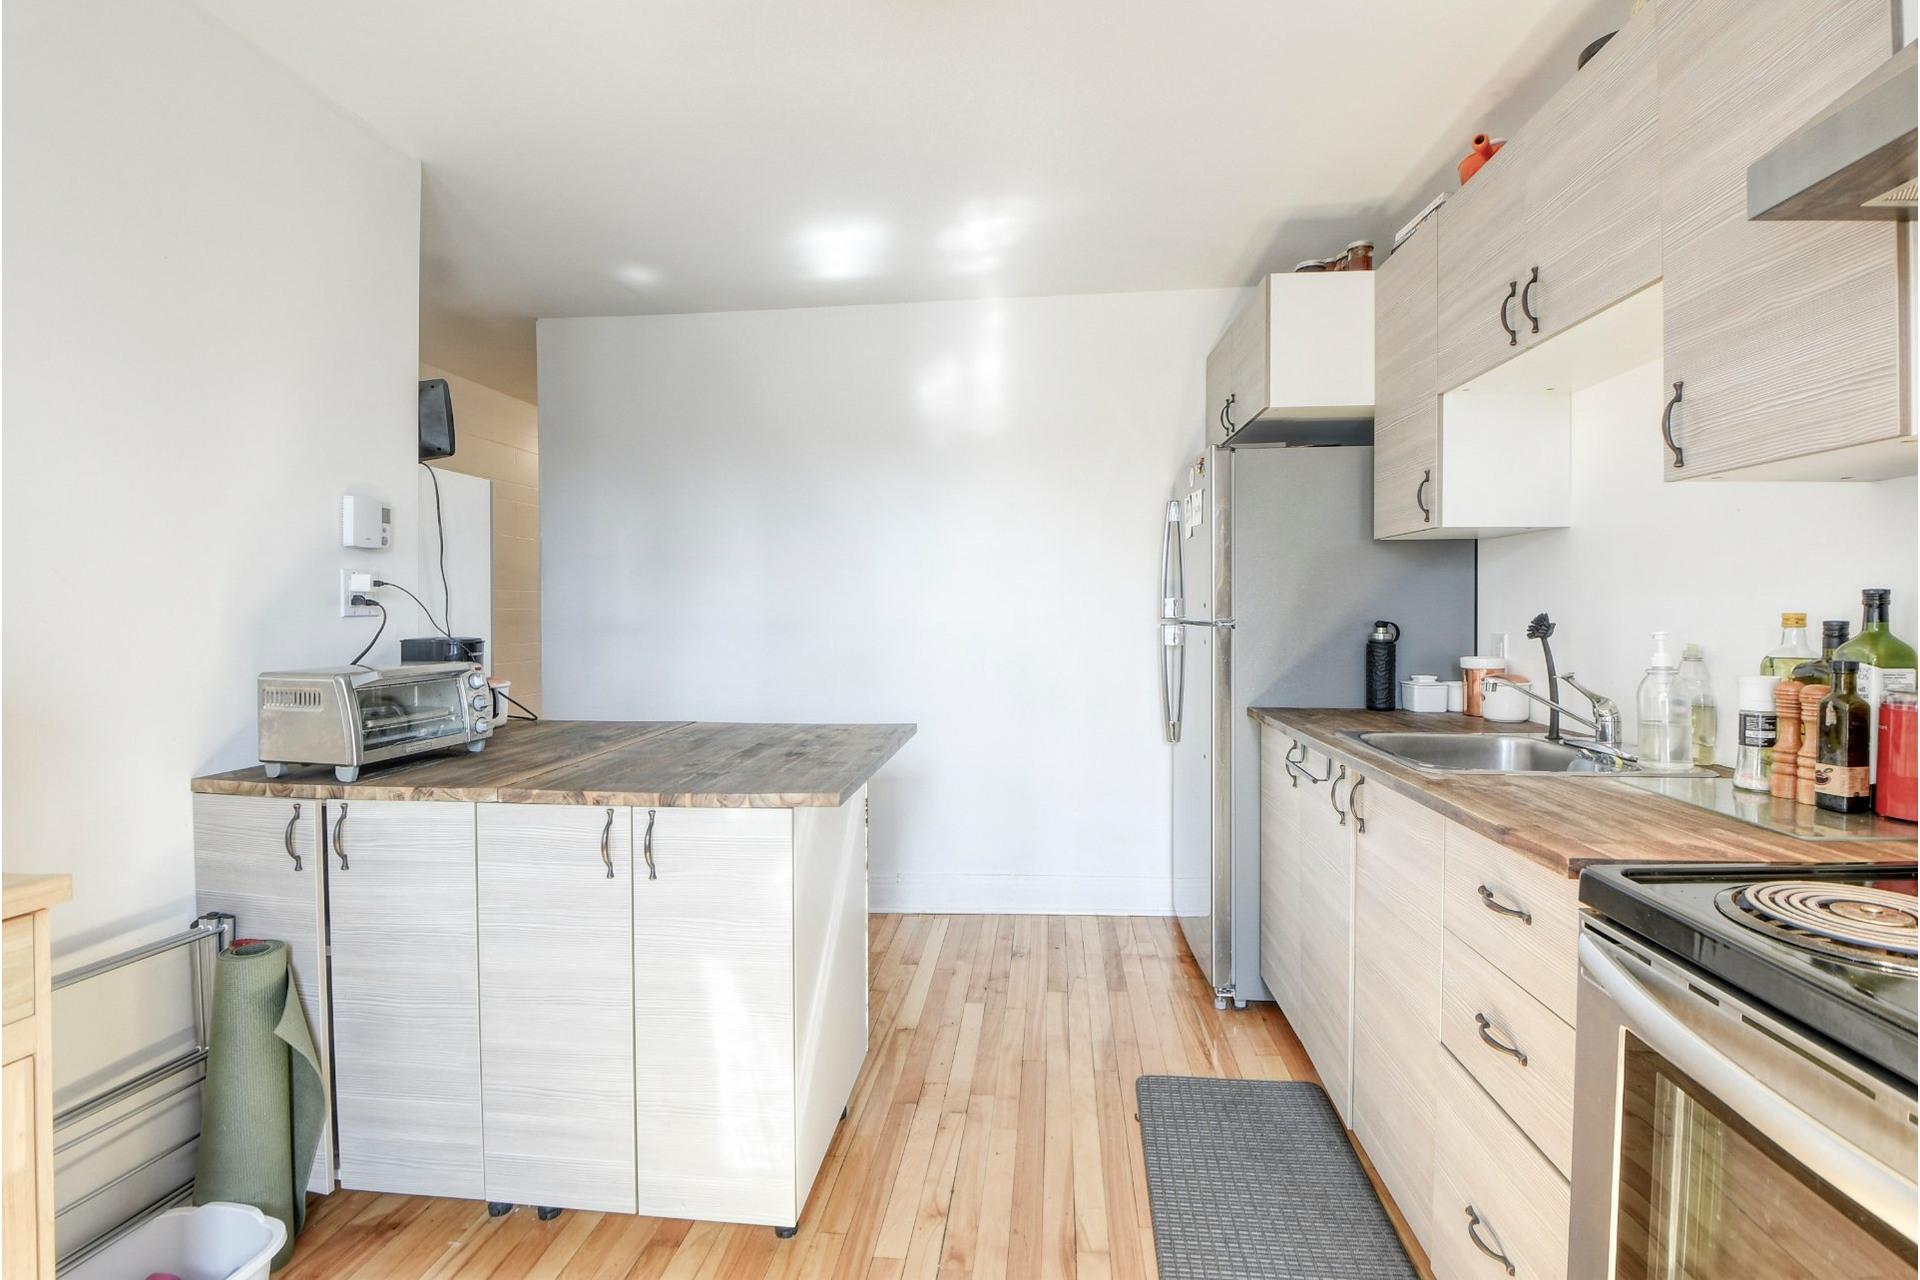 image 15 - Quintuplex For sale Mercier/Hochelaga-Maisonneuve Montréal  - 6 rooms